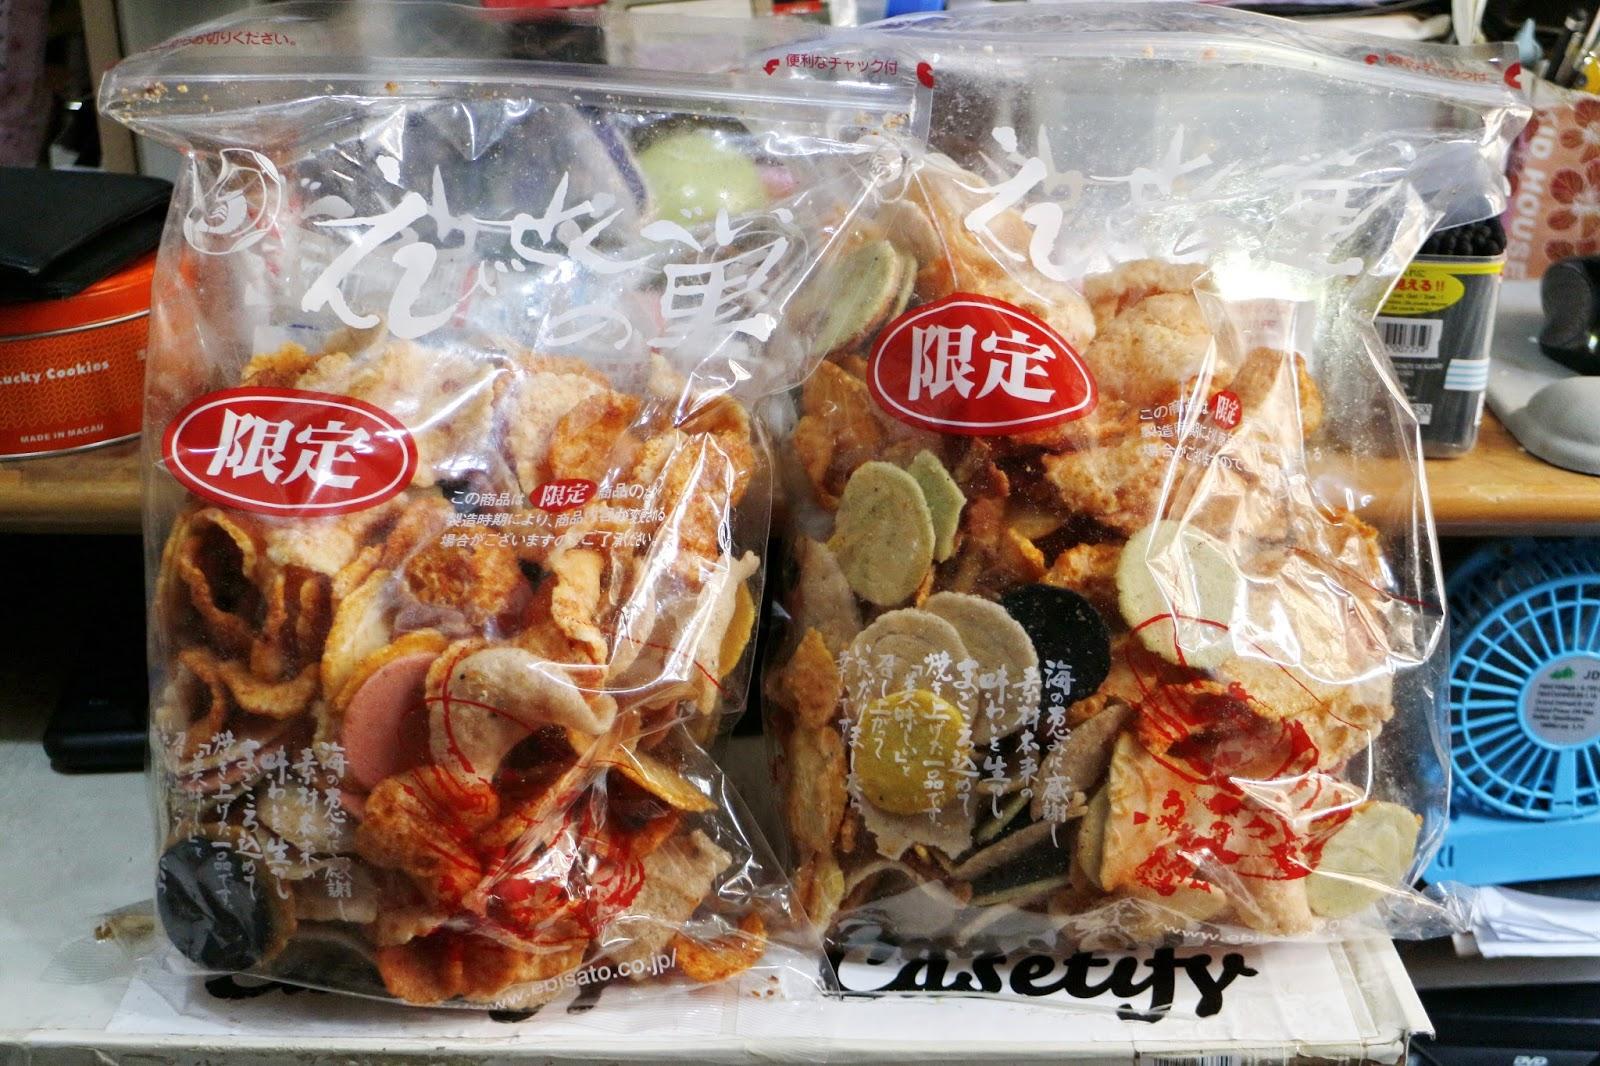 林公子生活遊記: 名古屋機場 蝦餅 攻略 情報 地點 資訊 懶人包 えびせんべいの里 中部國際空港セントレア店